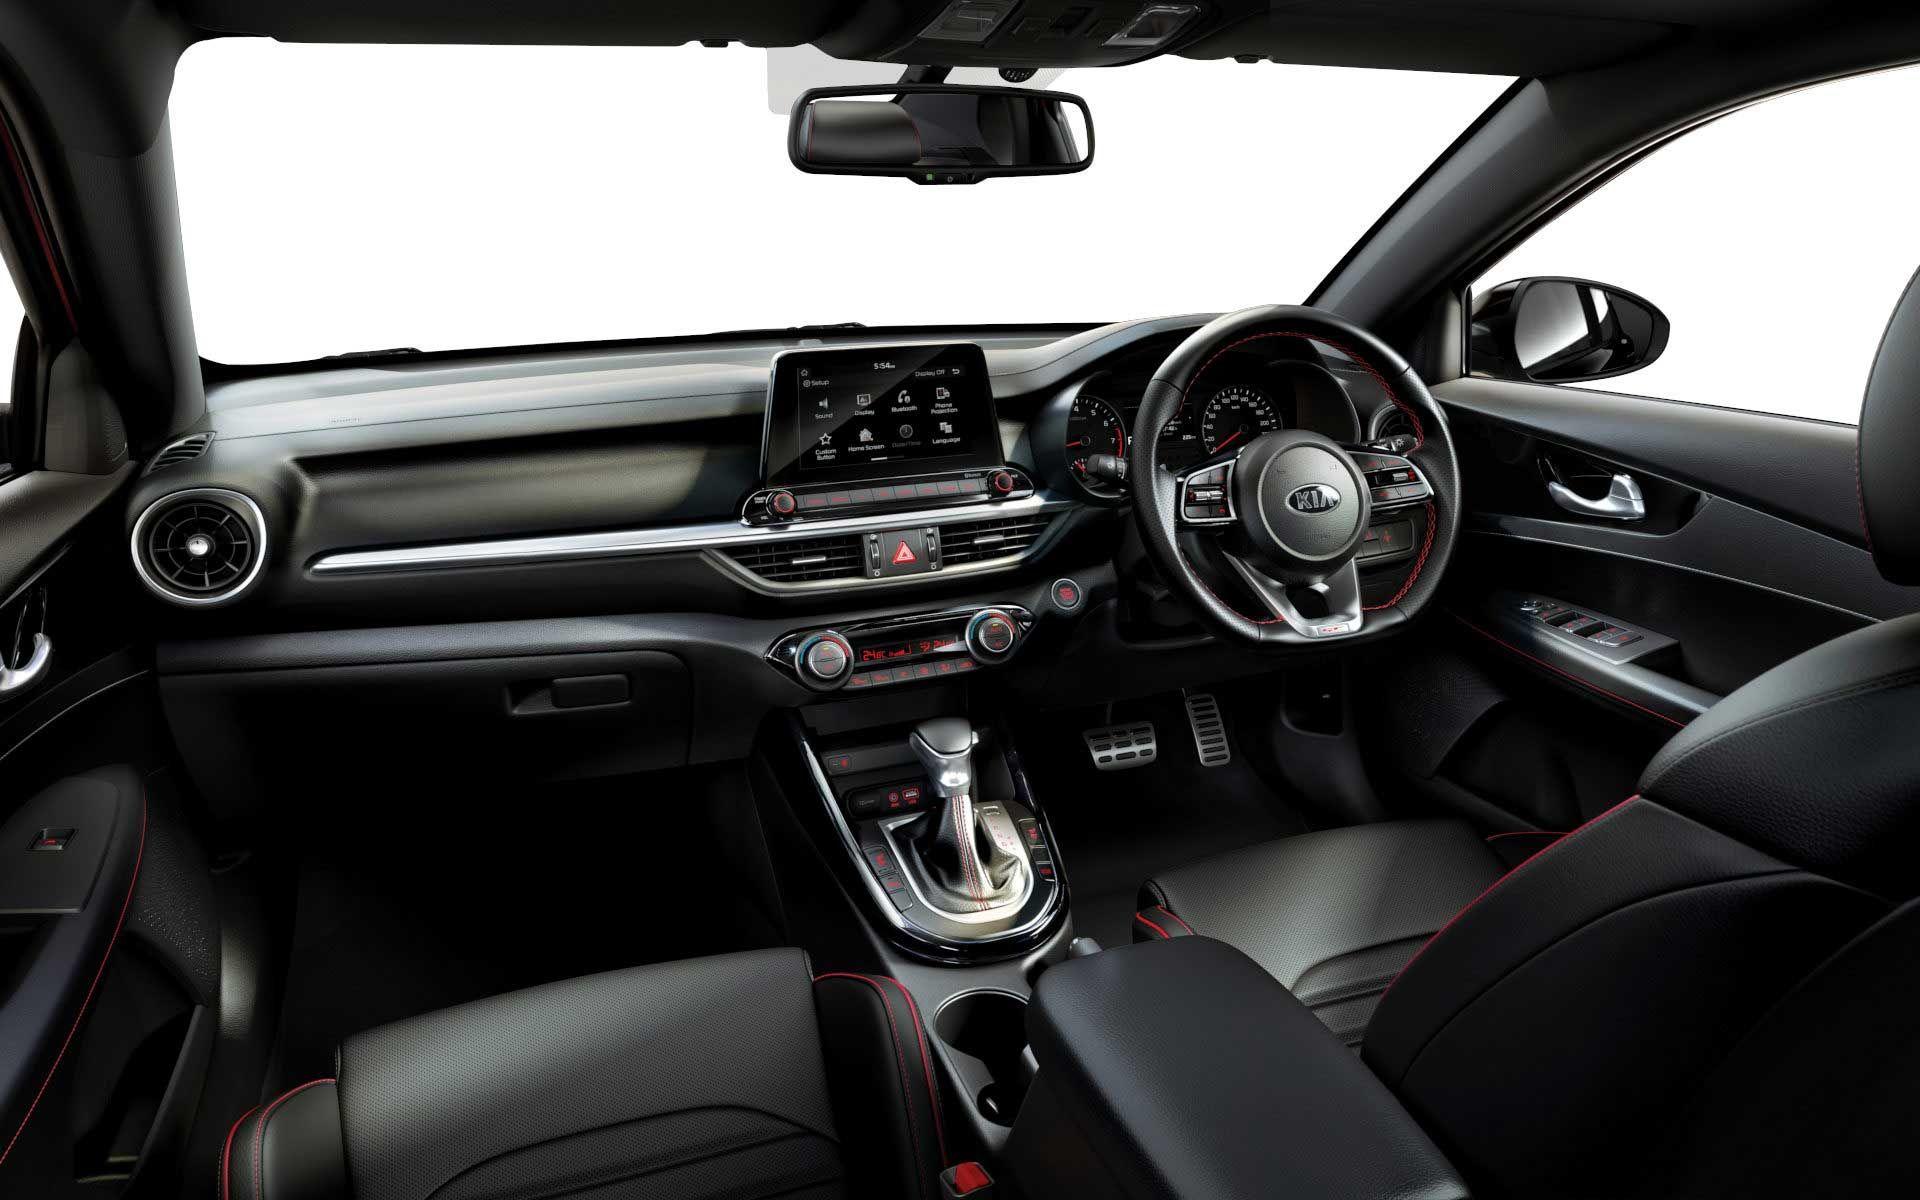 kia-cerato-hatch-gt-interior-dash